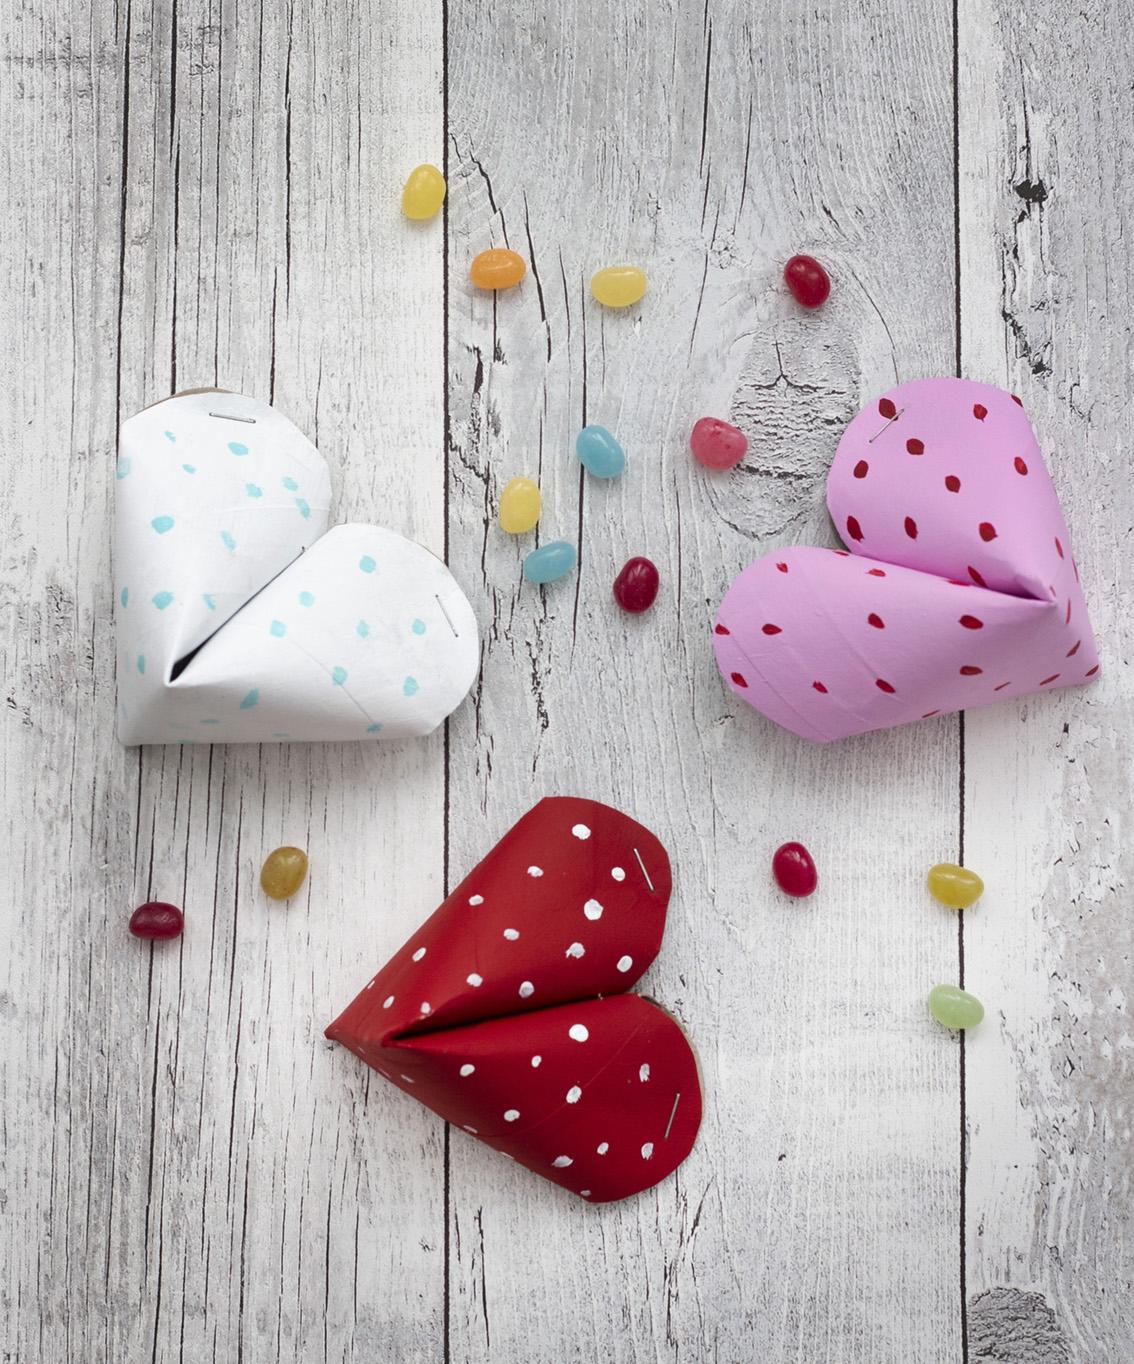 Hjärtan hushållspappersrullar | Pysselbolaget